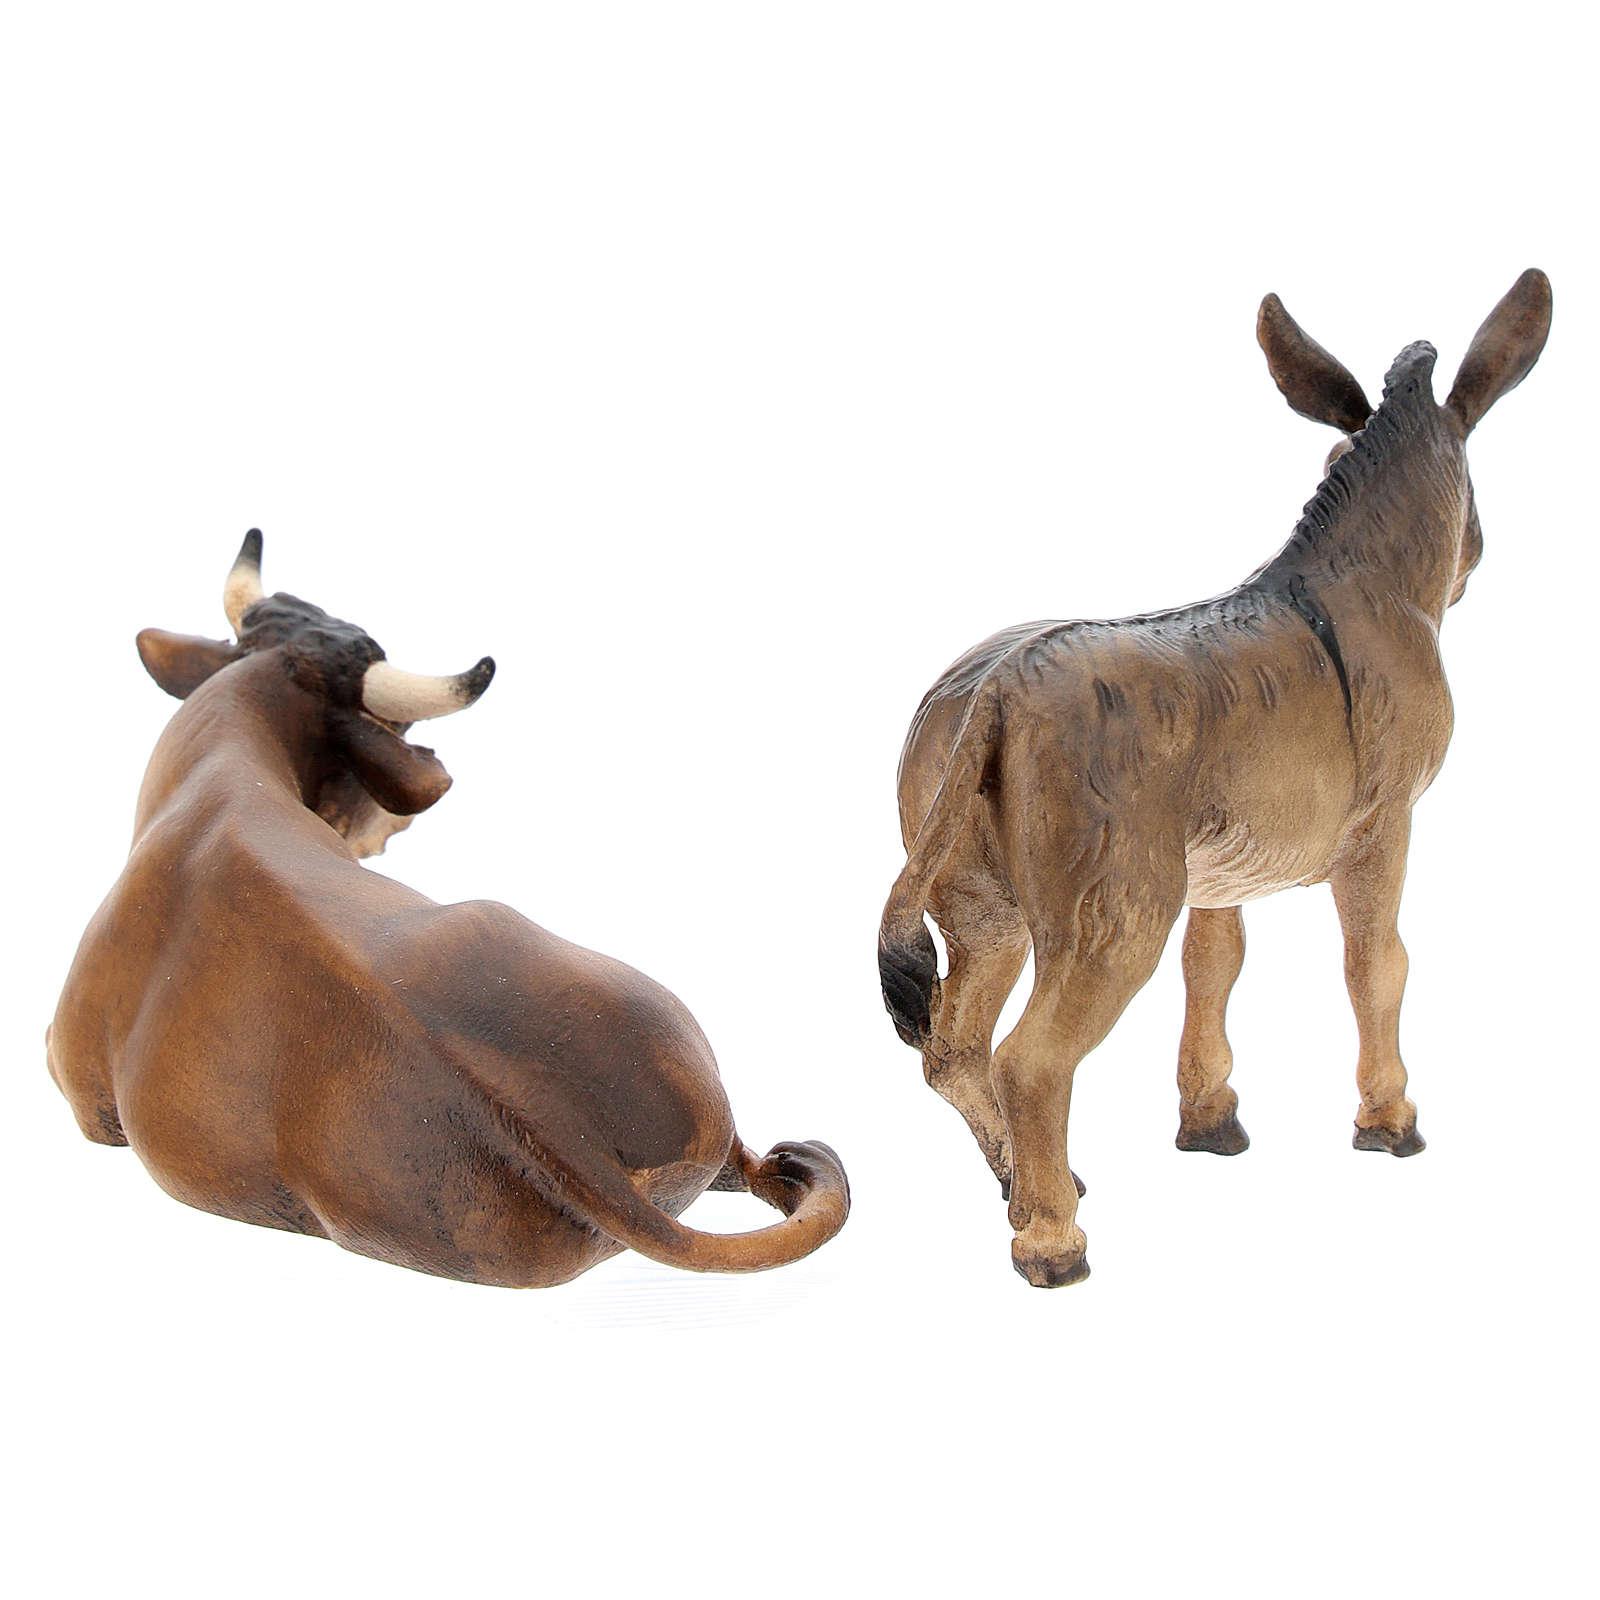 Buey y burro belén Original Pastor madera pintada en Val Gardena 10 cm de altura media 4